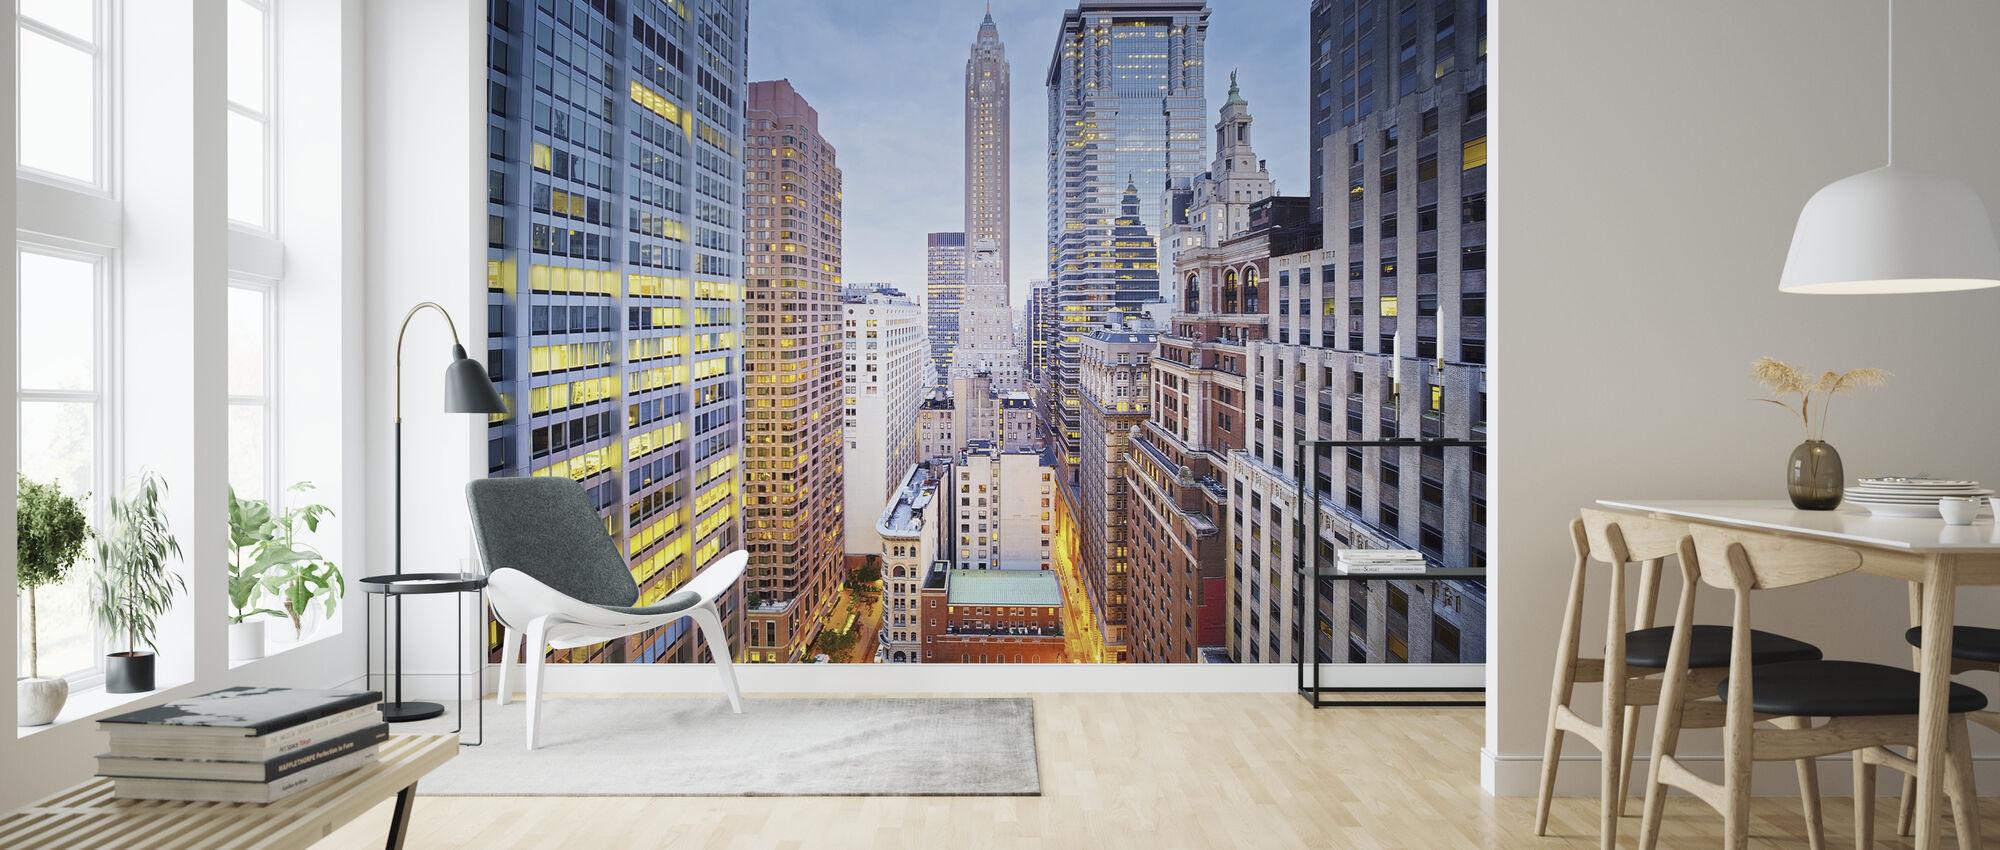 New Yorkin seinien välissä - Tapetti - Olohuone